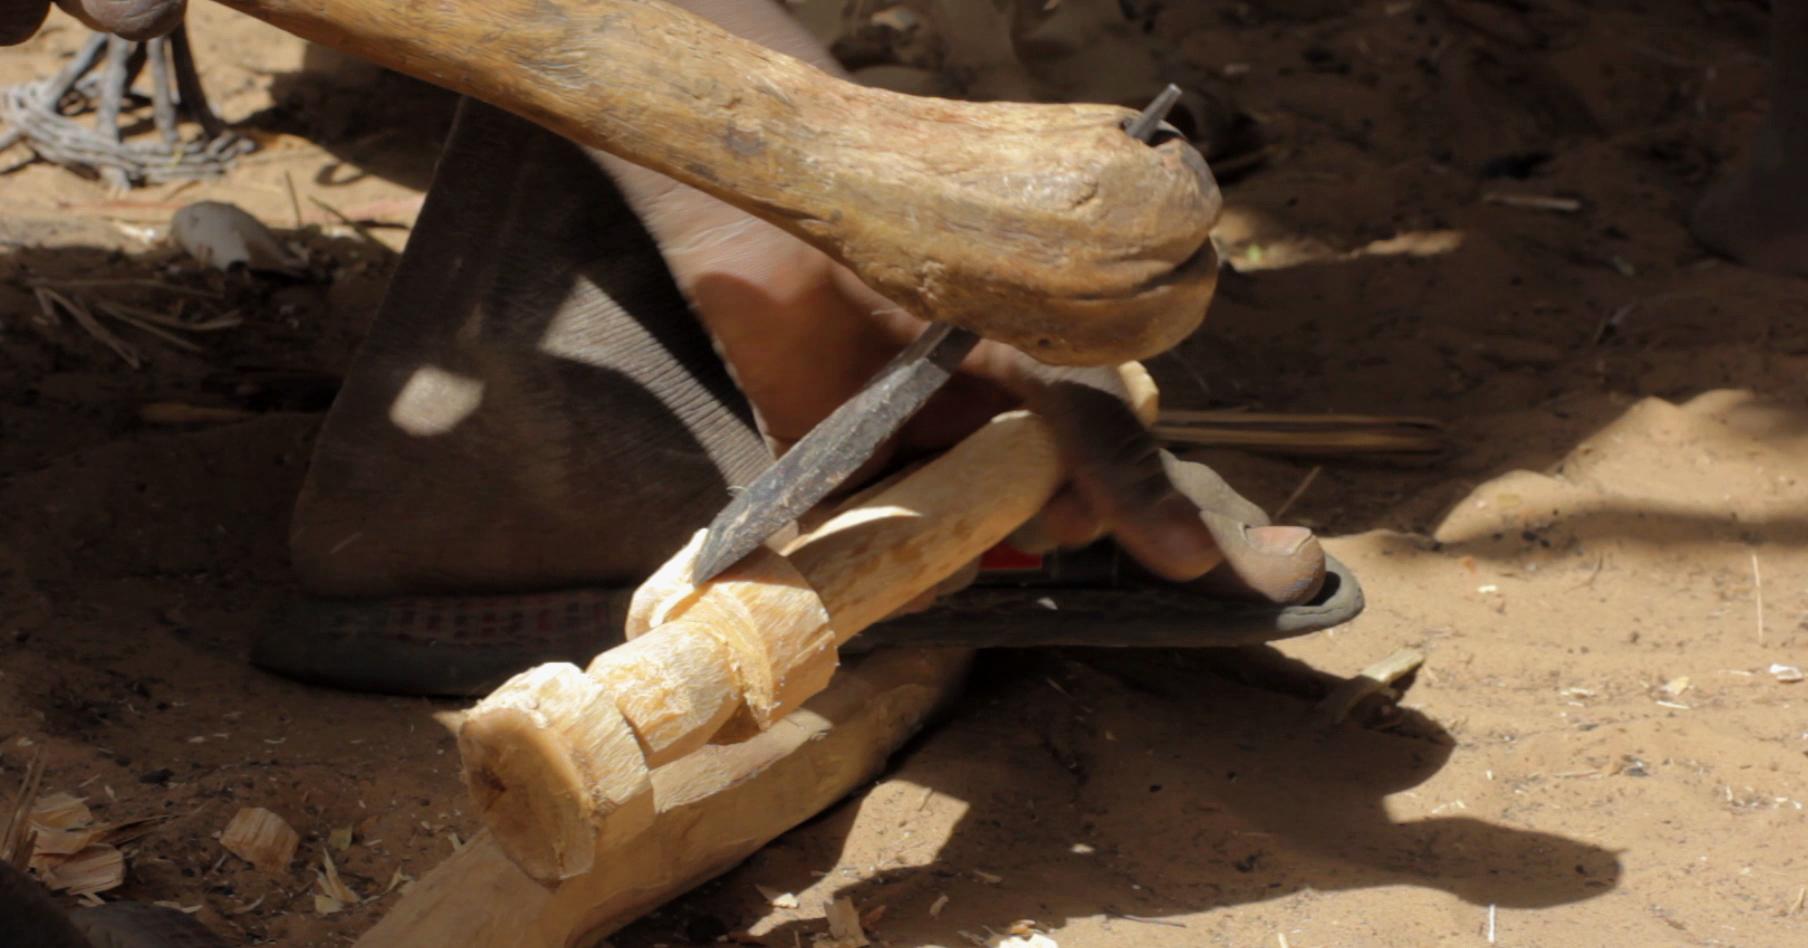 pablocaminante escultura dogon bandido cine - Malí 8, País Dogon V: moda, arte y religión